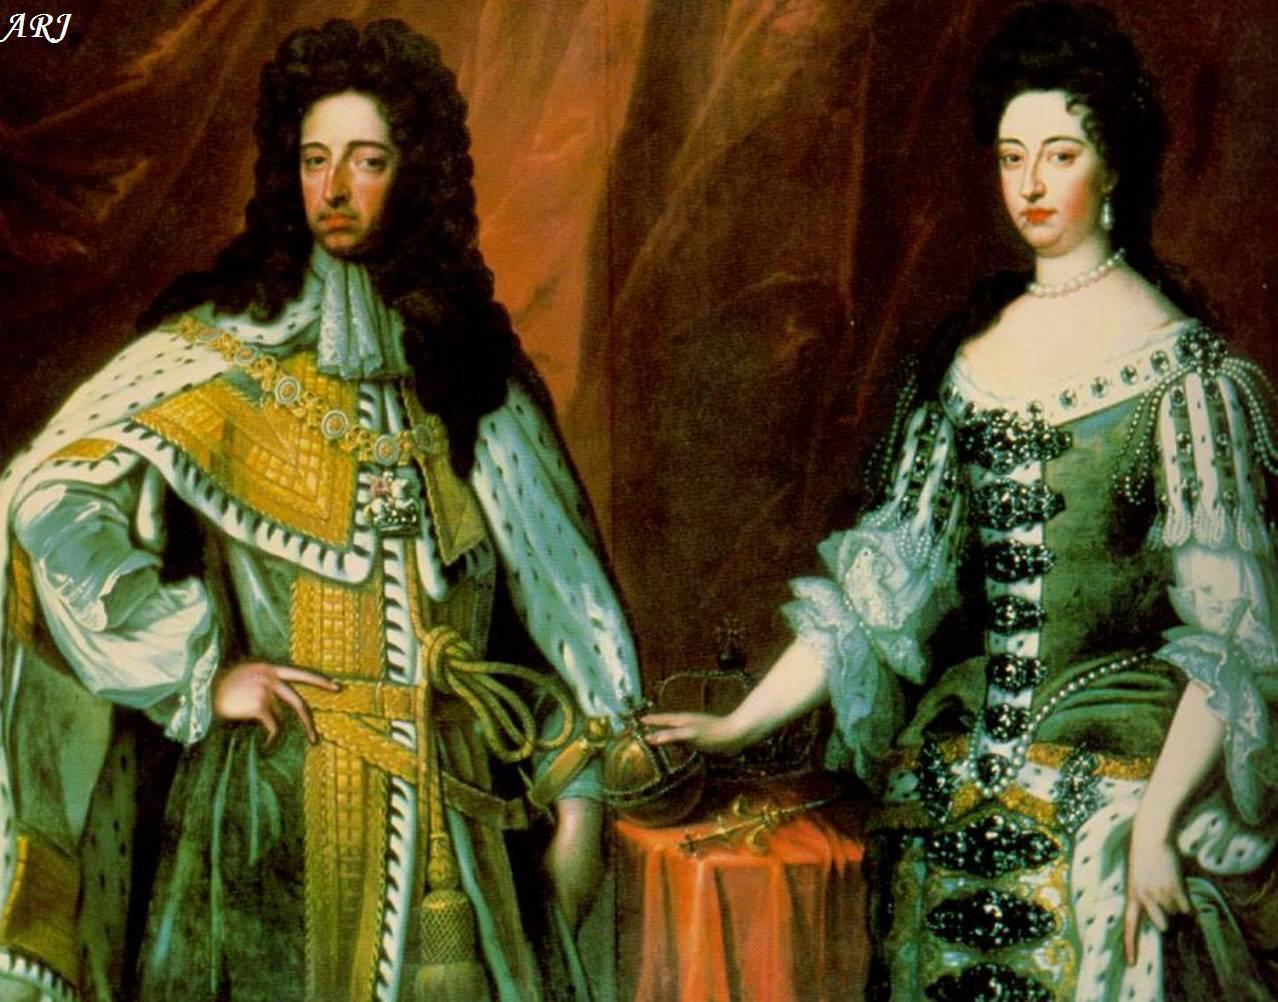 英王威廉三世與女王瑪麗二世。圖/邦瀚斯提供